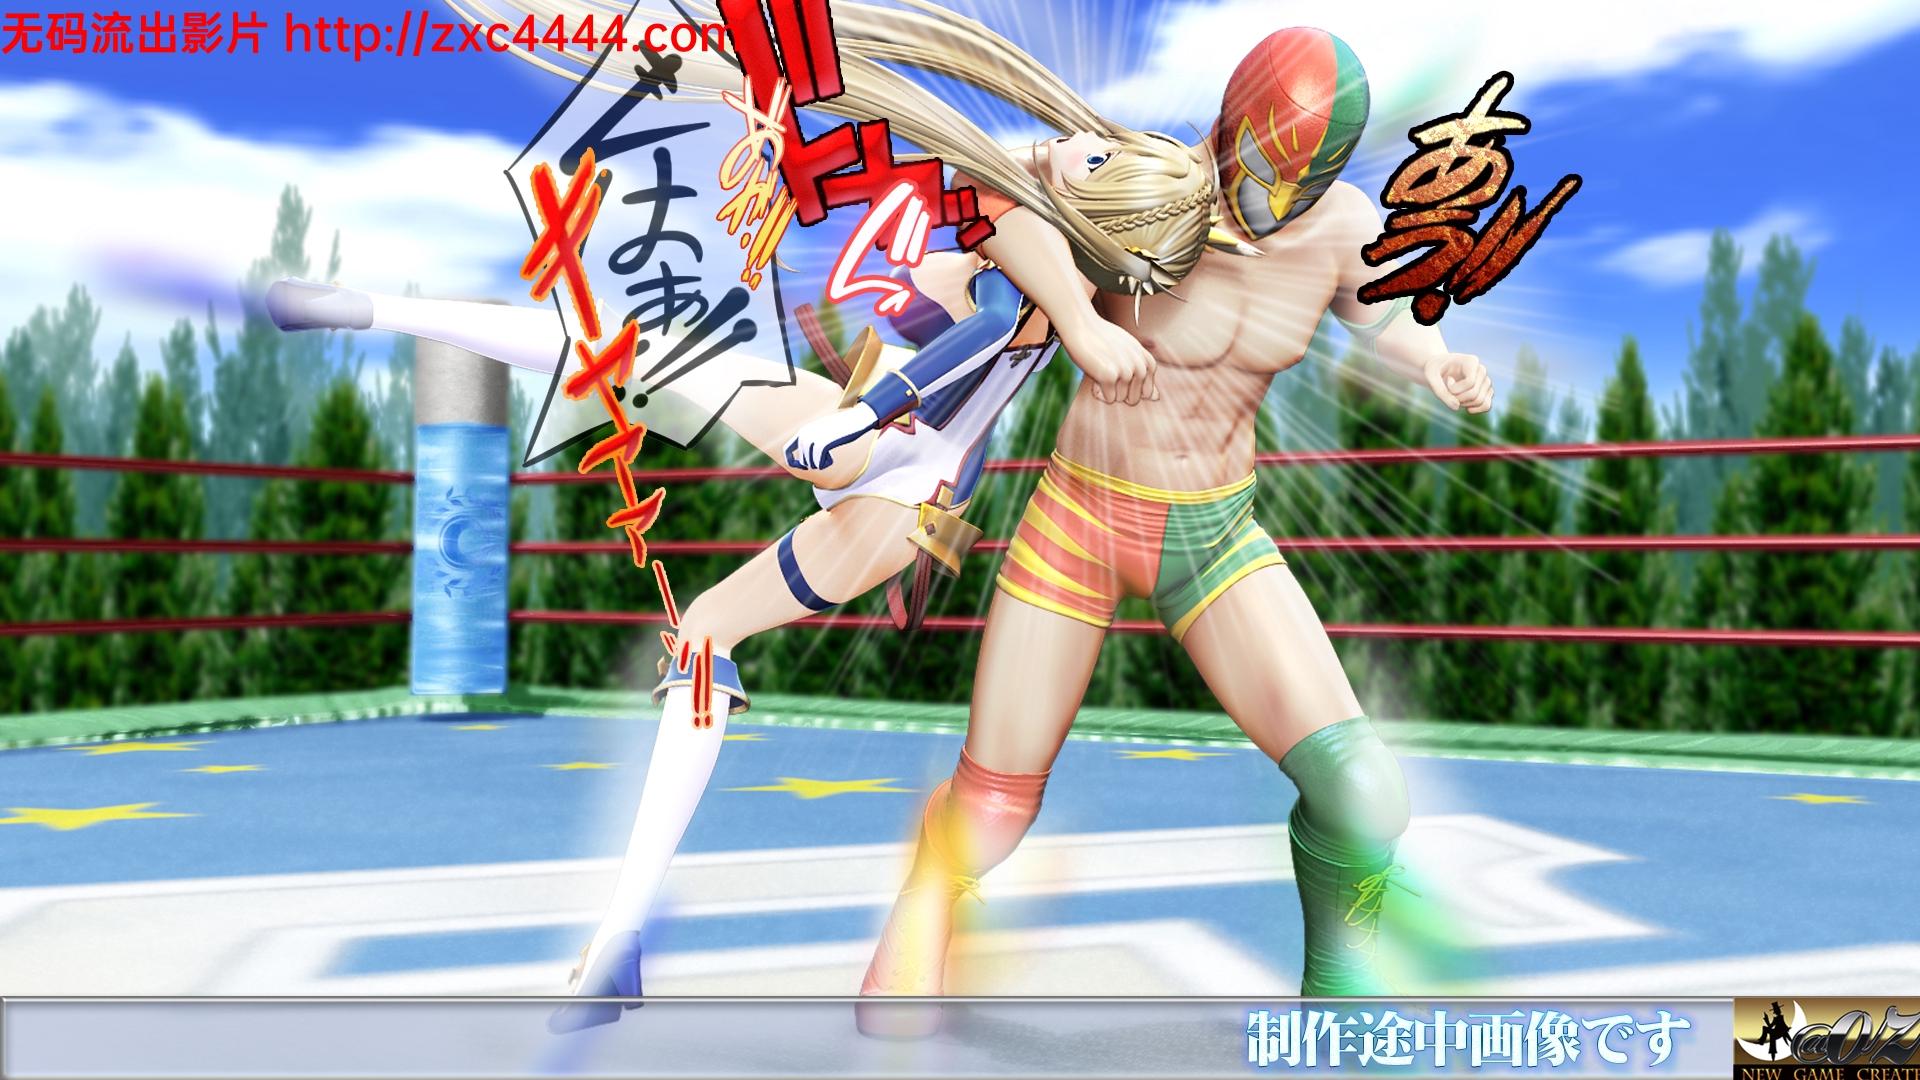 [成人游戏]【3D全动态】摔跤大赛!被强制羞辱的美臀女选手!【全